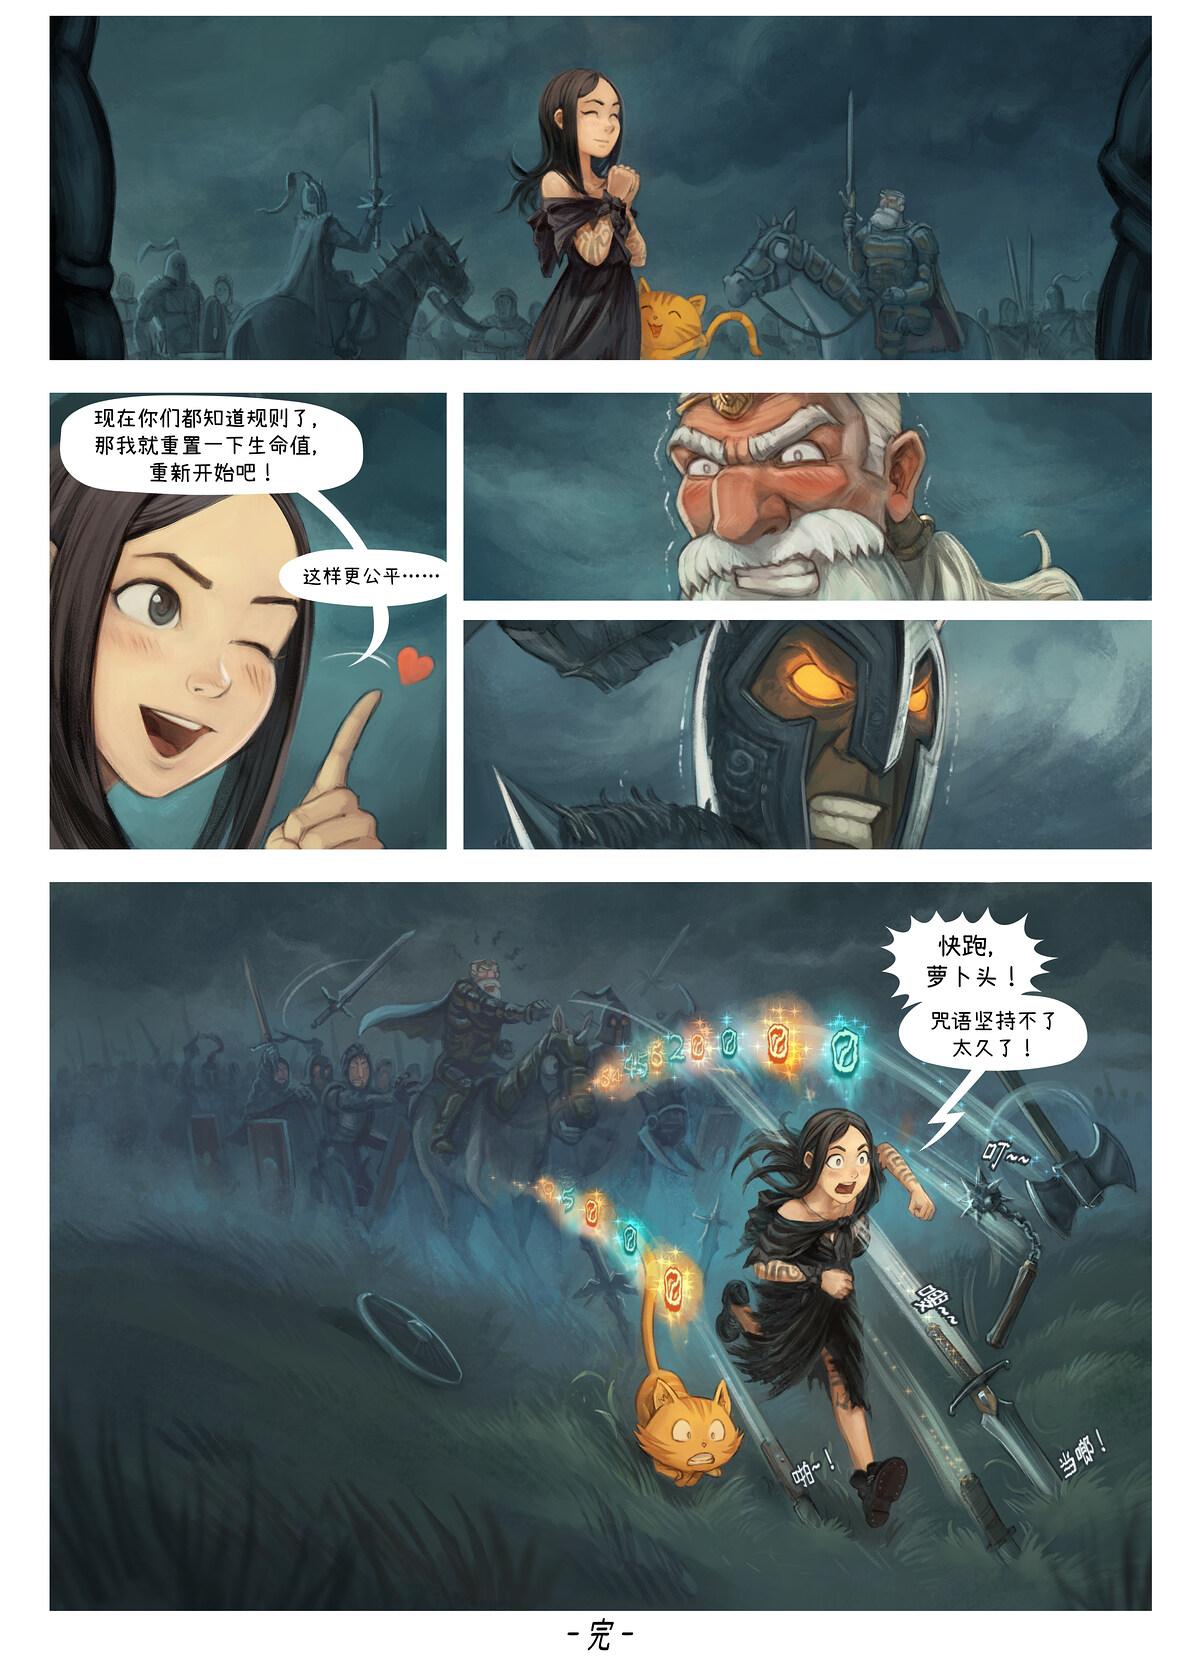 第33集:战争大魔咒, Page 8